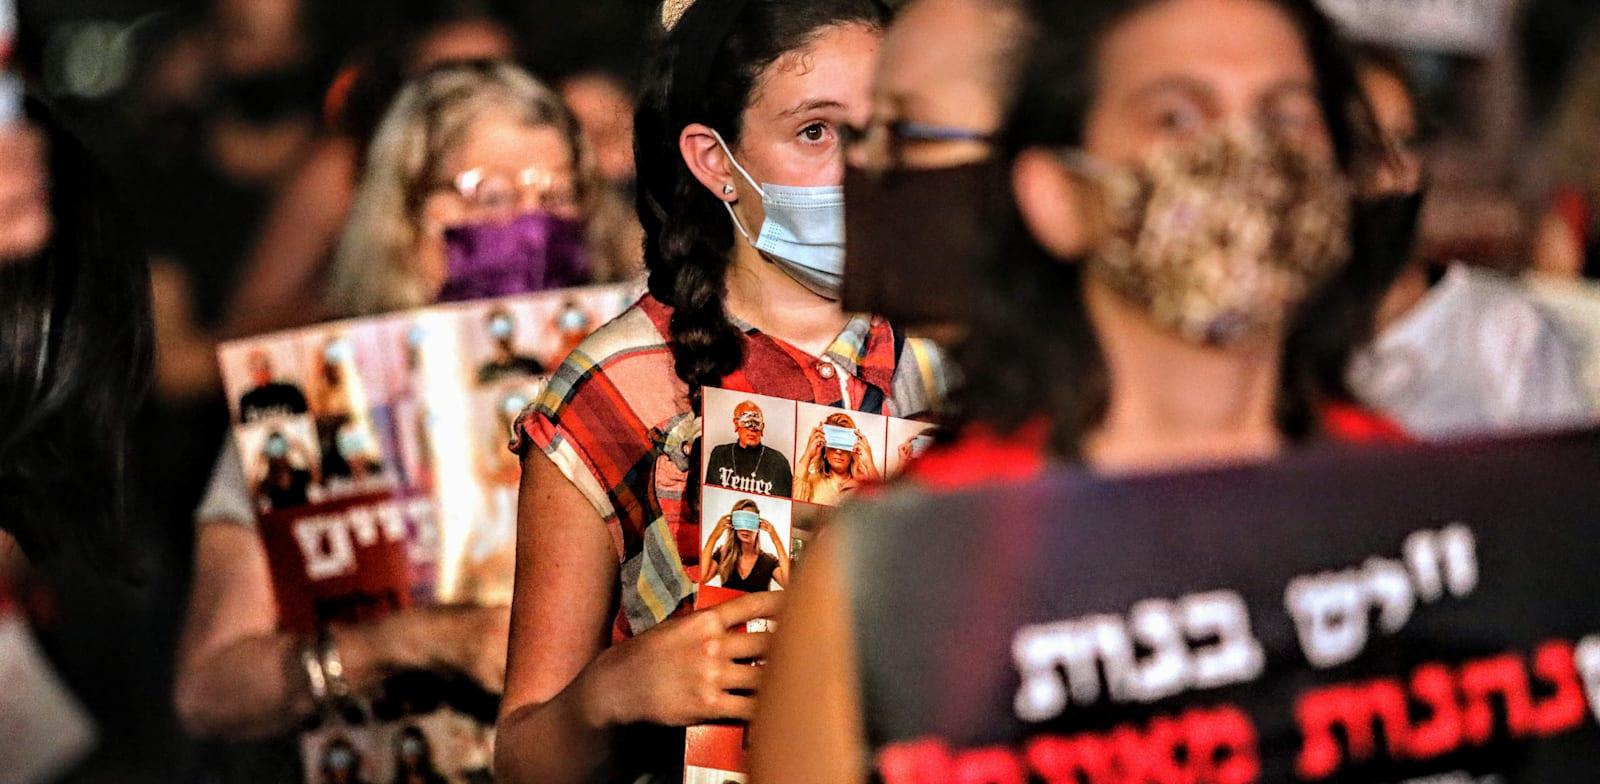 הפגנת נשים בכיכר רבין בתל אביב בעקבות אונס באילת / צילום: שלומי יוסף